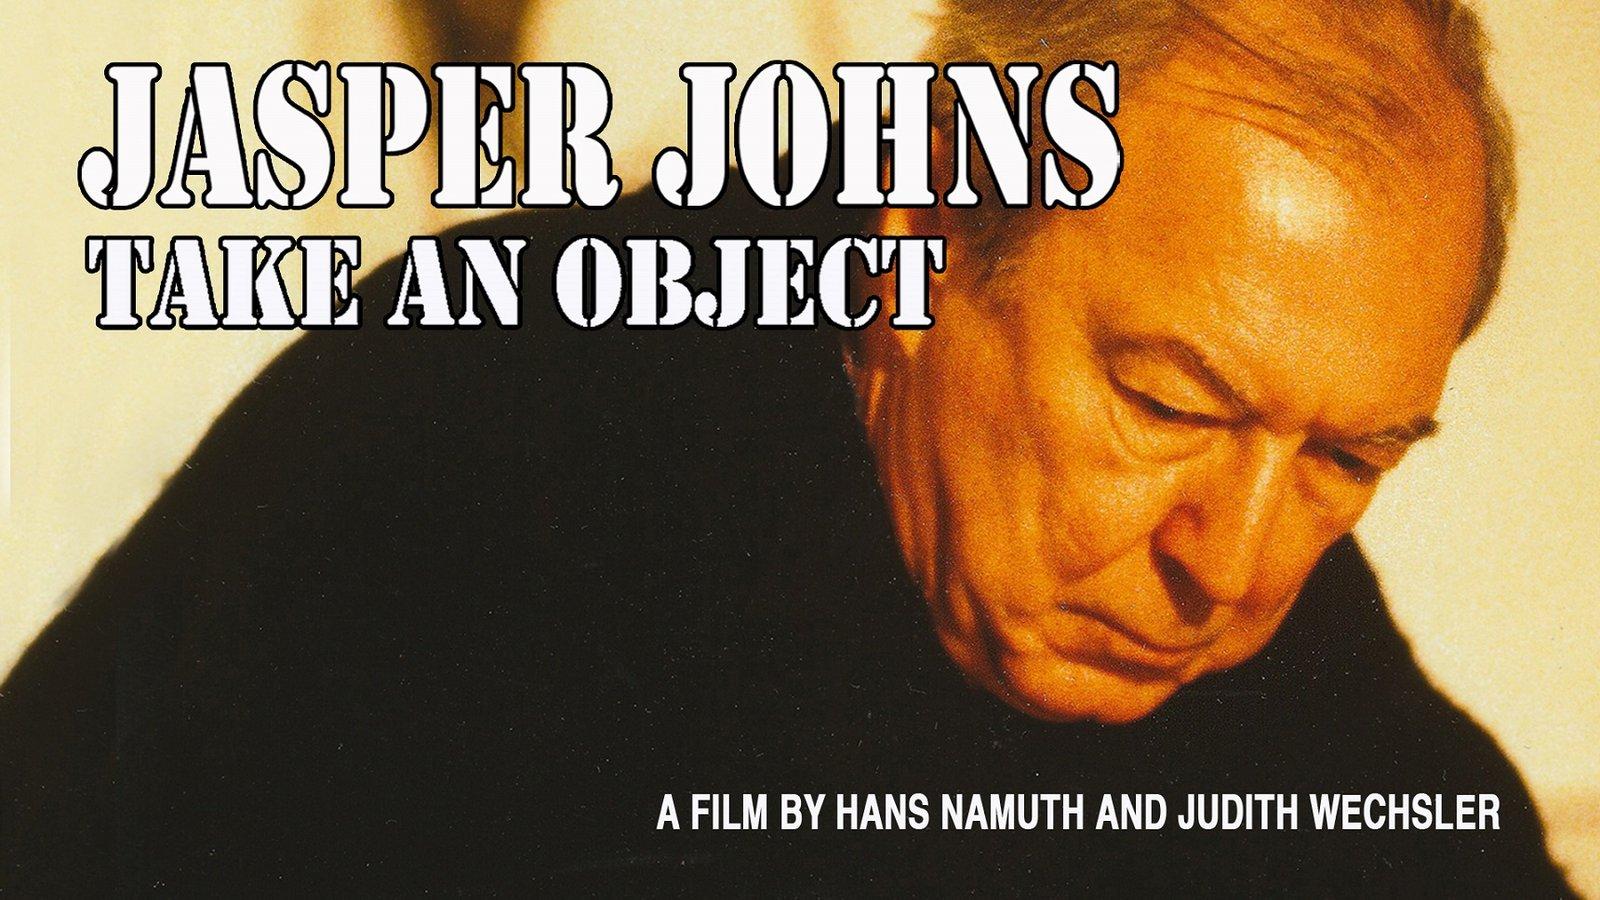 Jasper Johns: Take an Object - Portrait of an Artist at Work